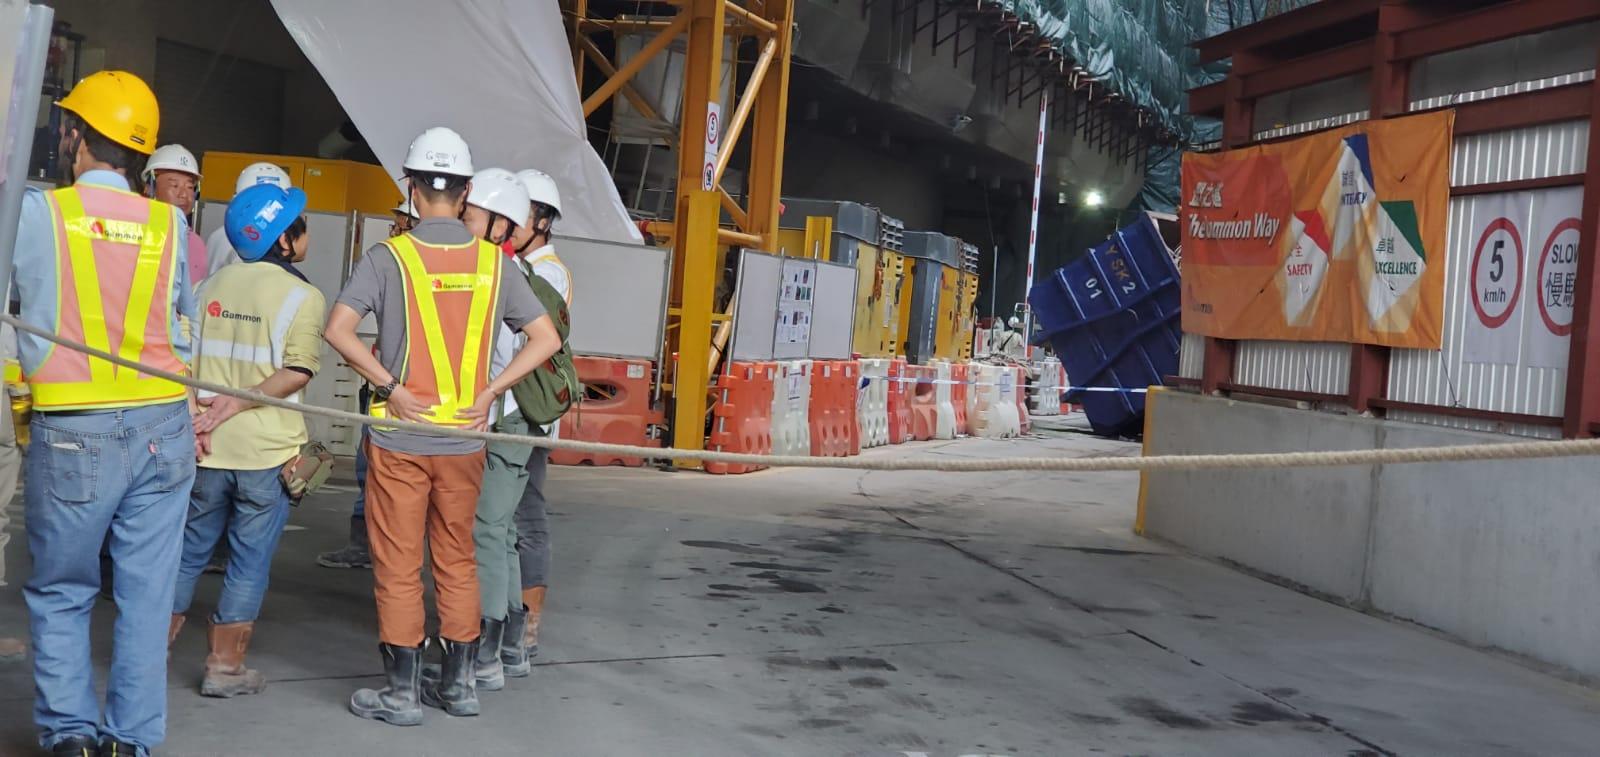 地盤內一個垃圾斗突然翻側,一名工人走避不及被壓中。 楊偉亨攝